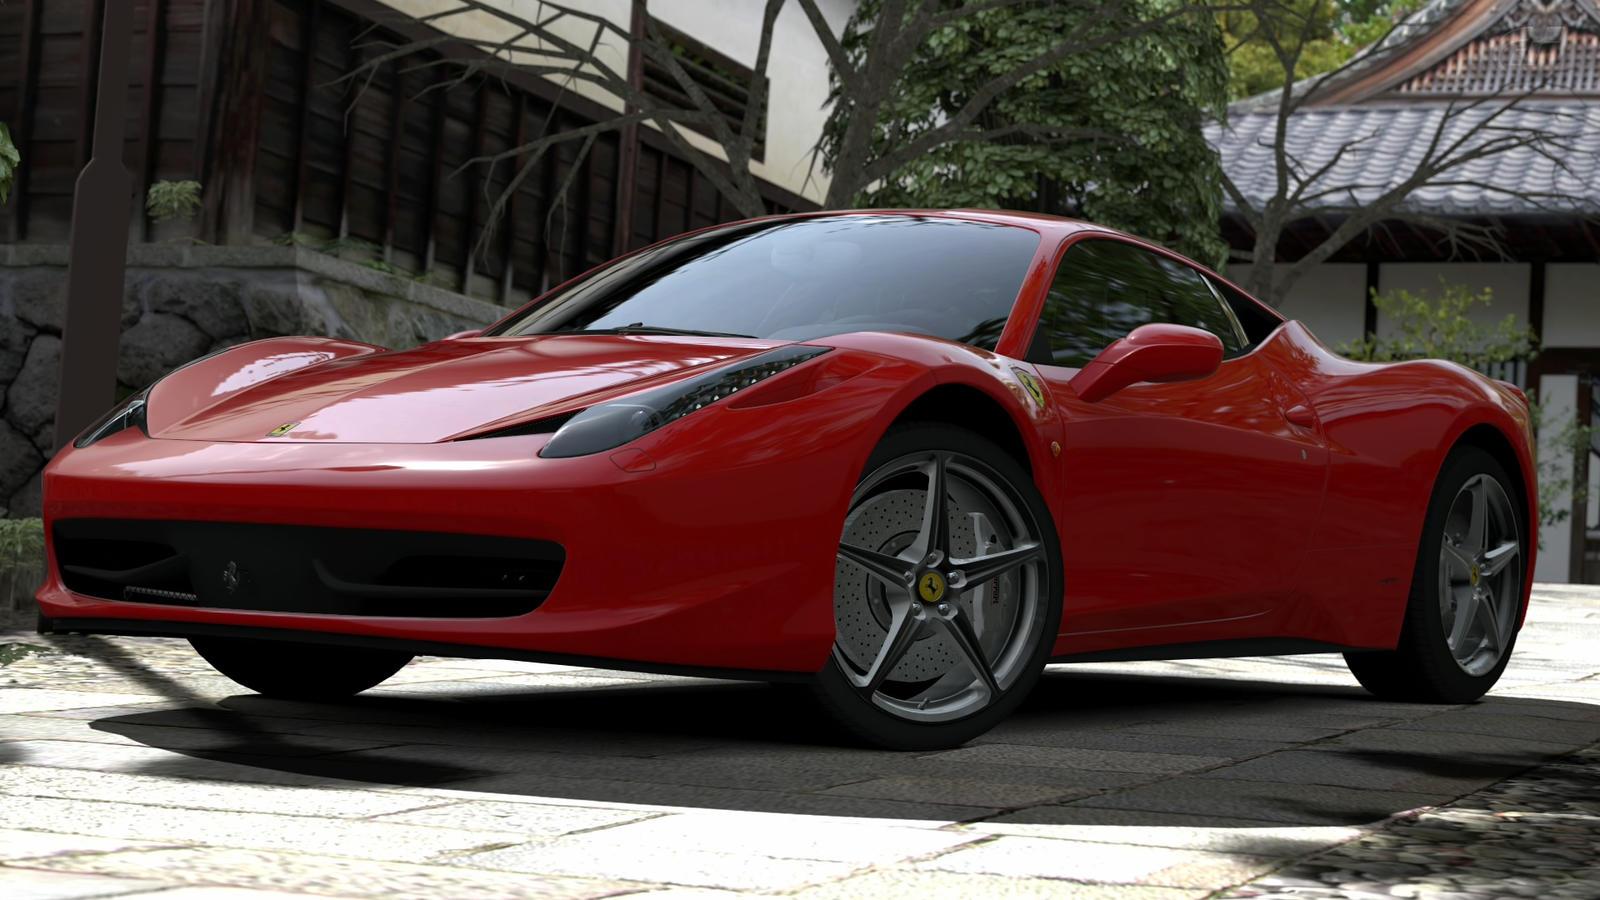 458 Italia - Rosso Corsa